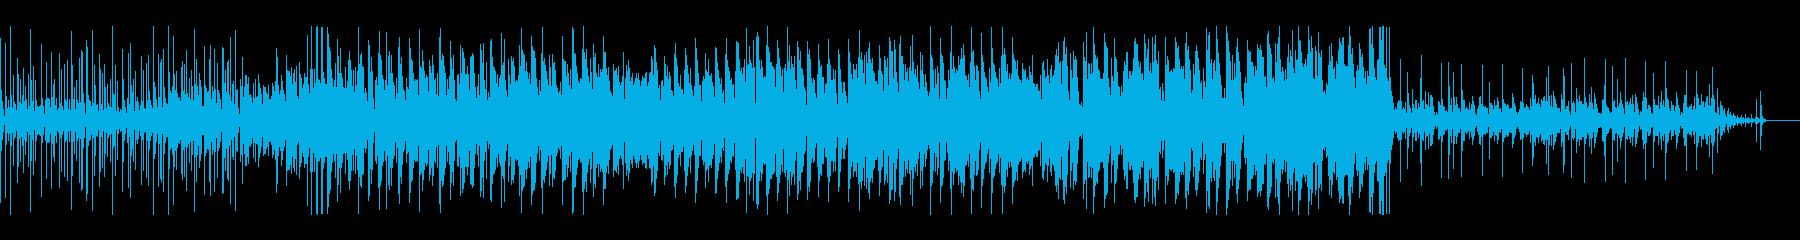 ラテン風 ショート キック強調の再生済みの波形